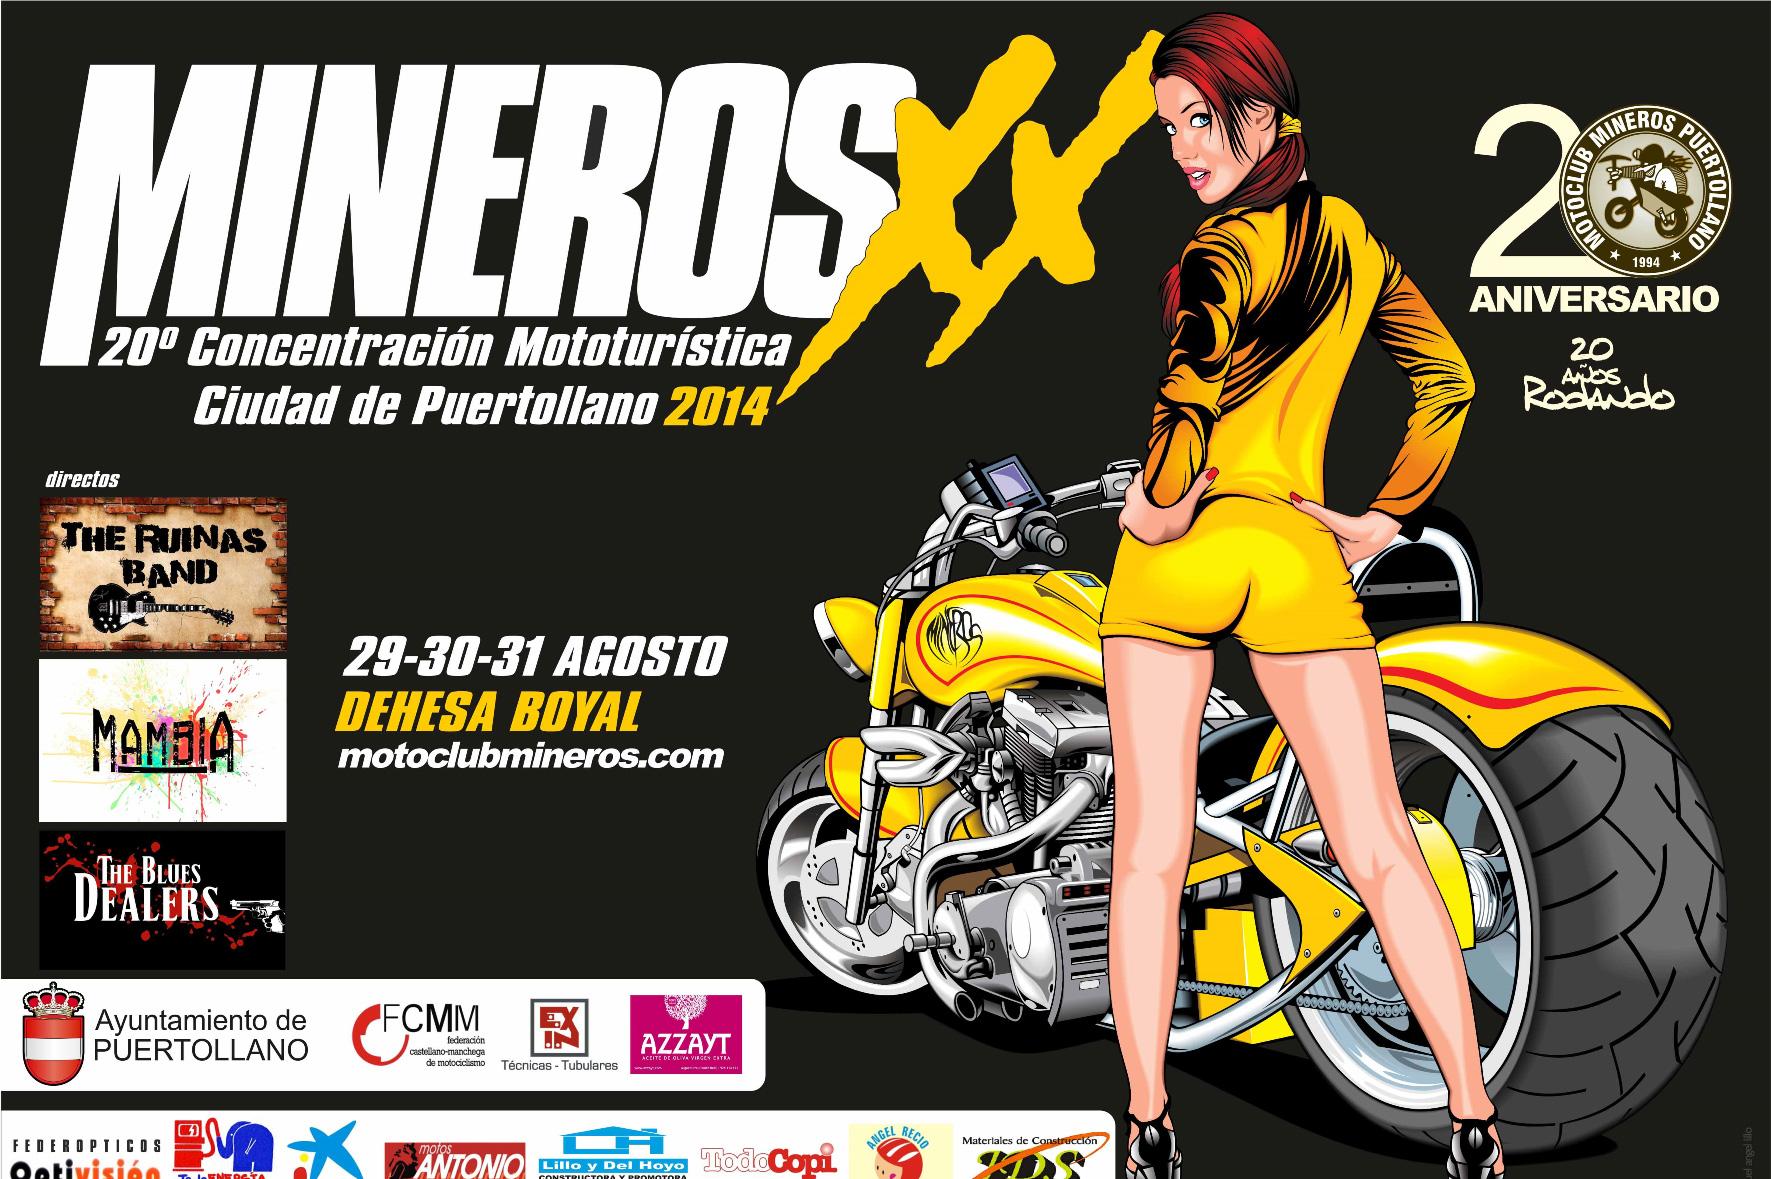 XX Concentración Mototurística Mineros 2014